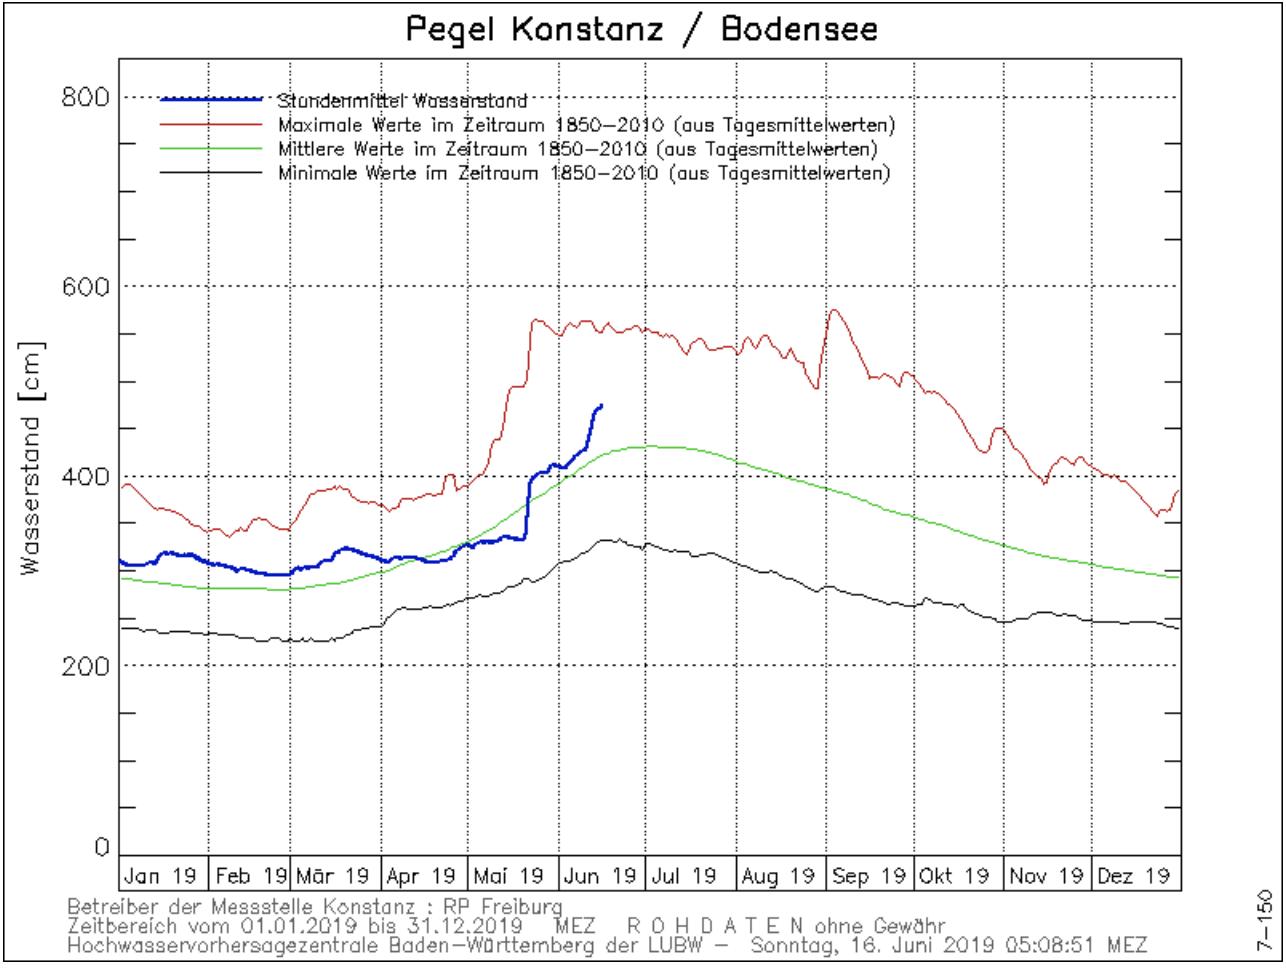 Waterpeil Bodenzee bij Konstanz; blauwe lijn is het verloop 2019, groene lijn is de gemiddelde stand, rode en zwarte lijn de uitersten